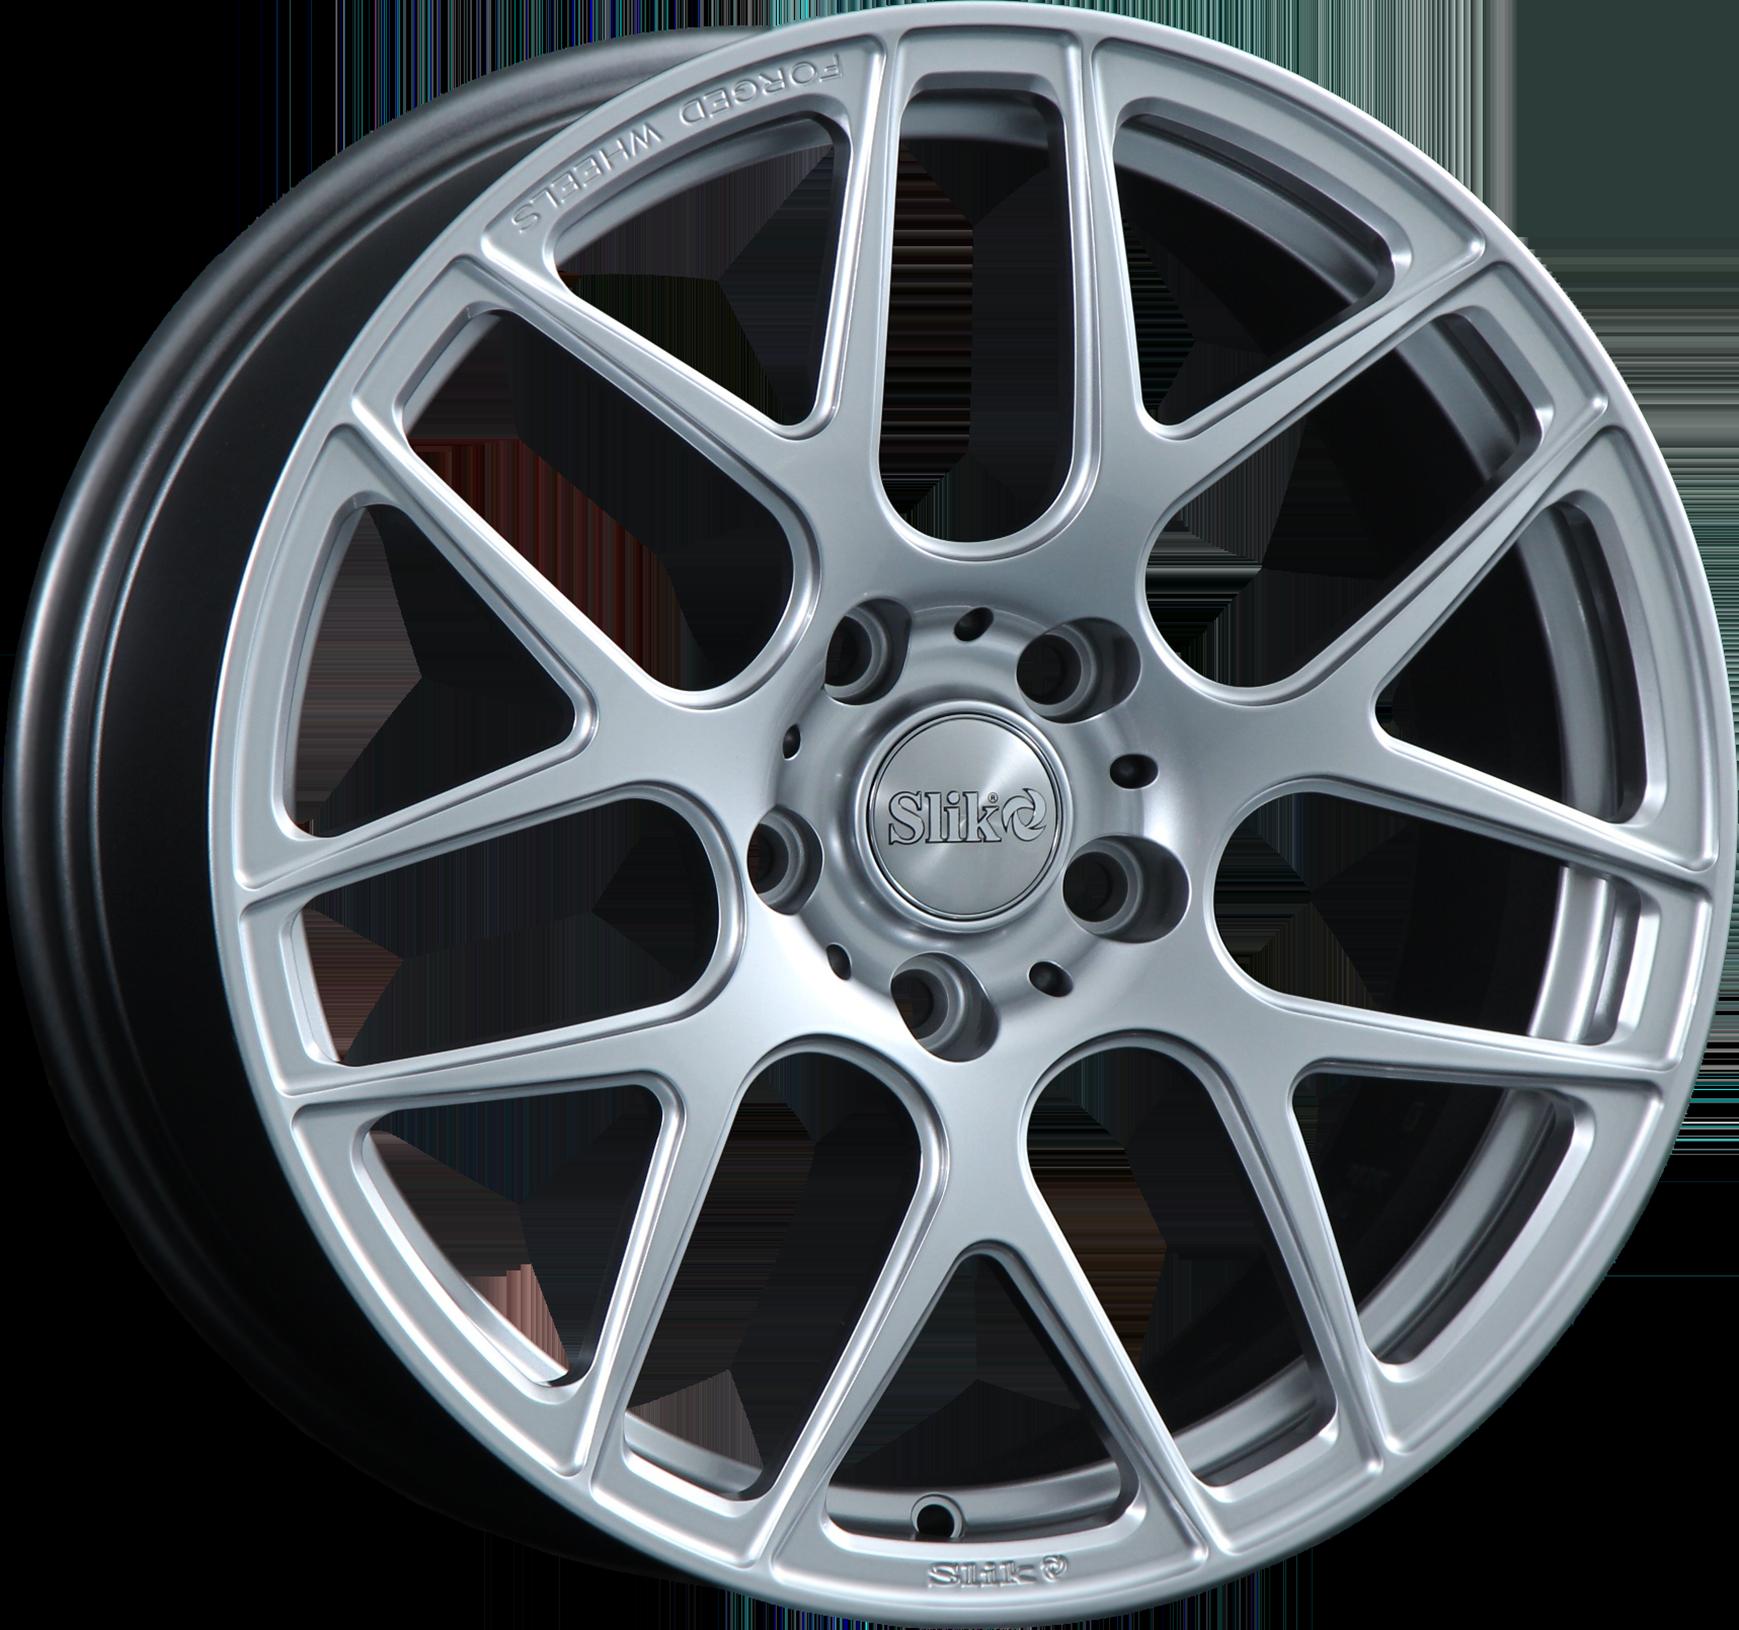 SLIK L-723 forged wheels